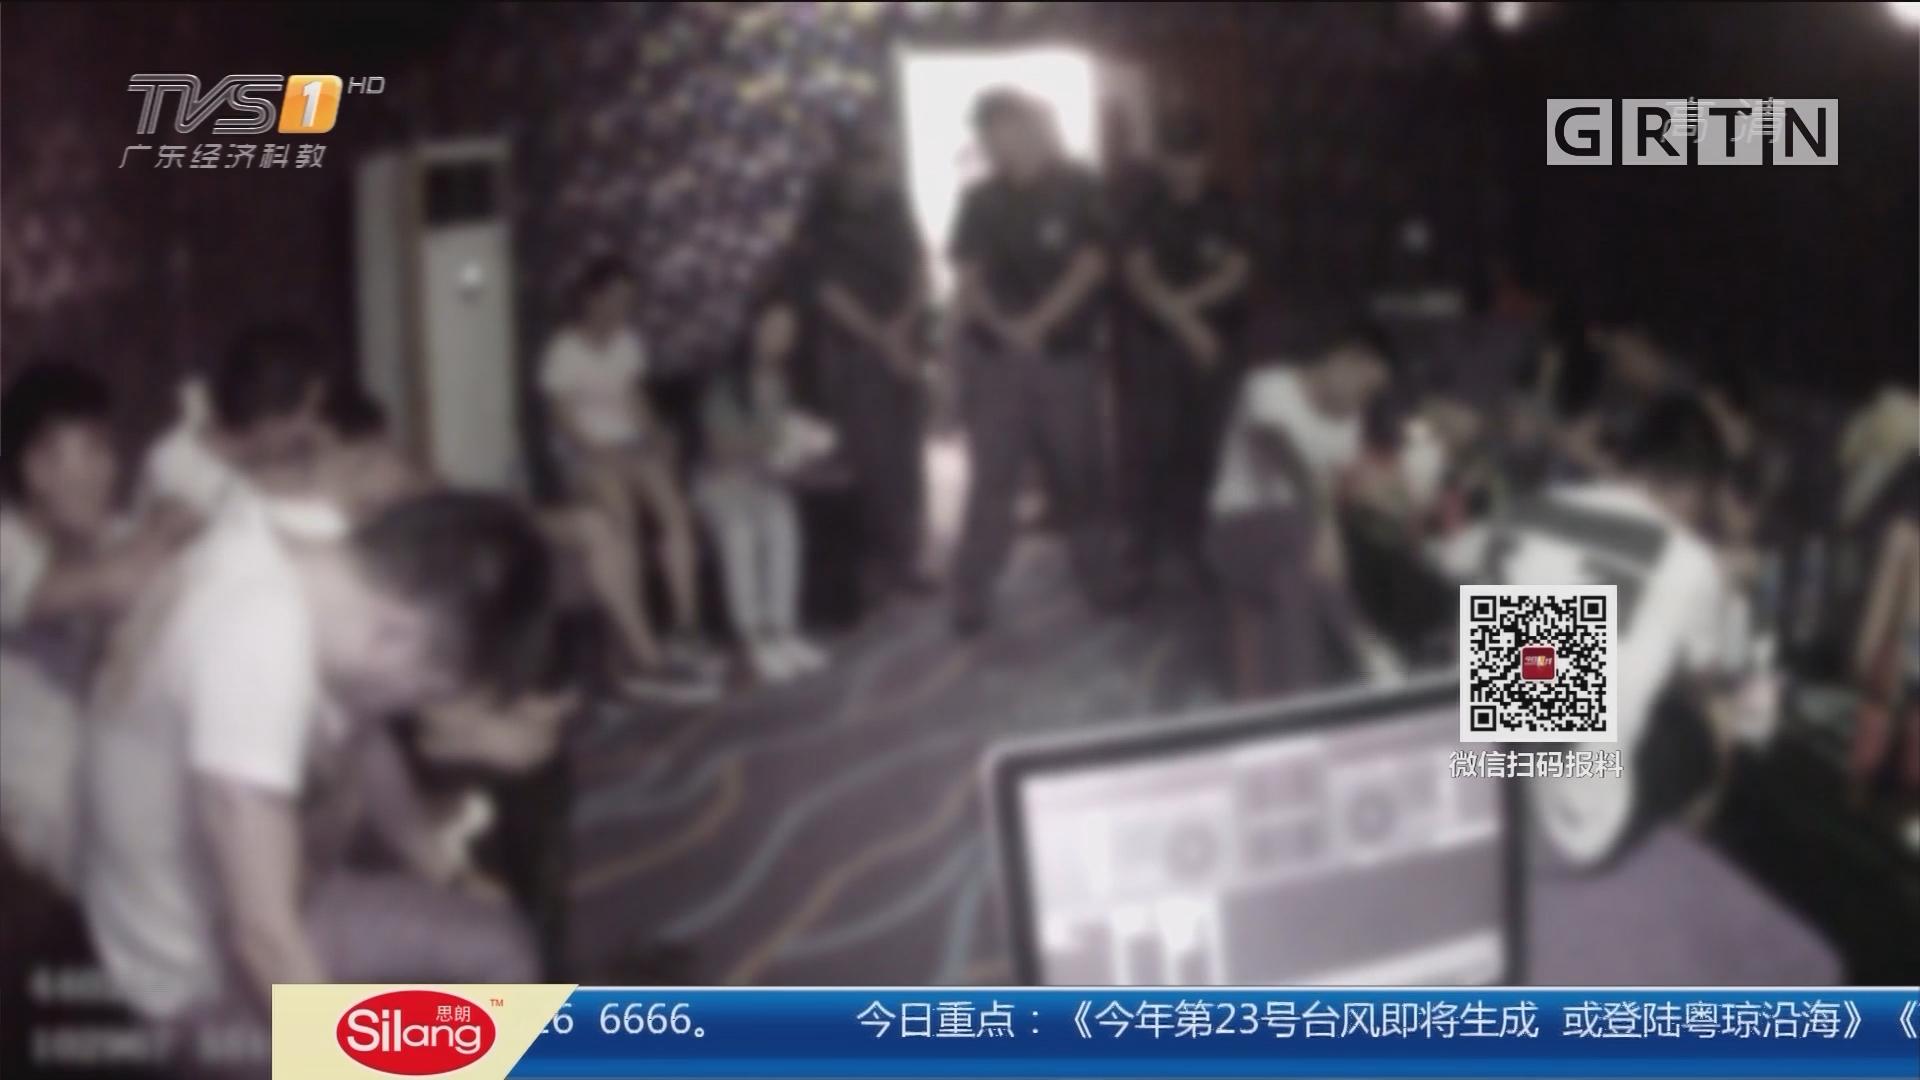 """韶关:花巨资装修 农舍成""""毒窝"""""""